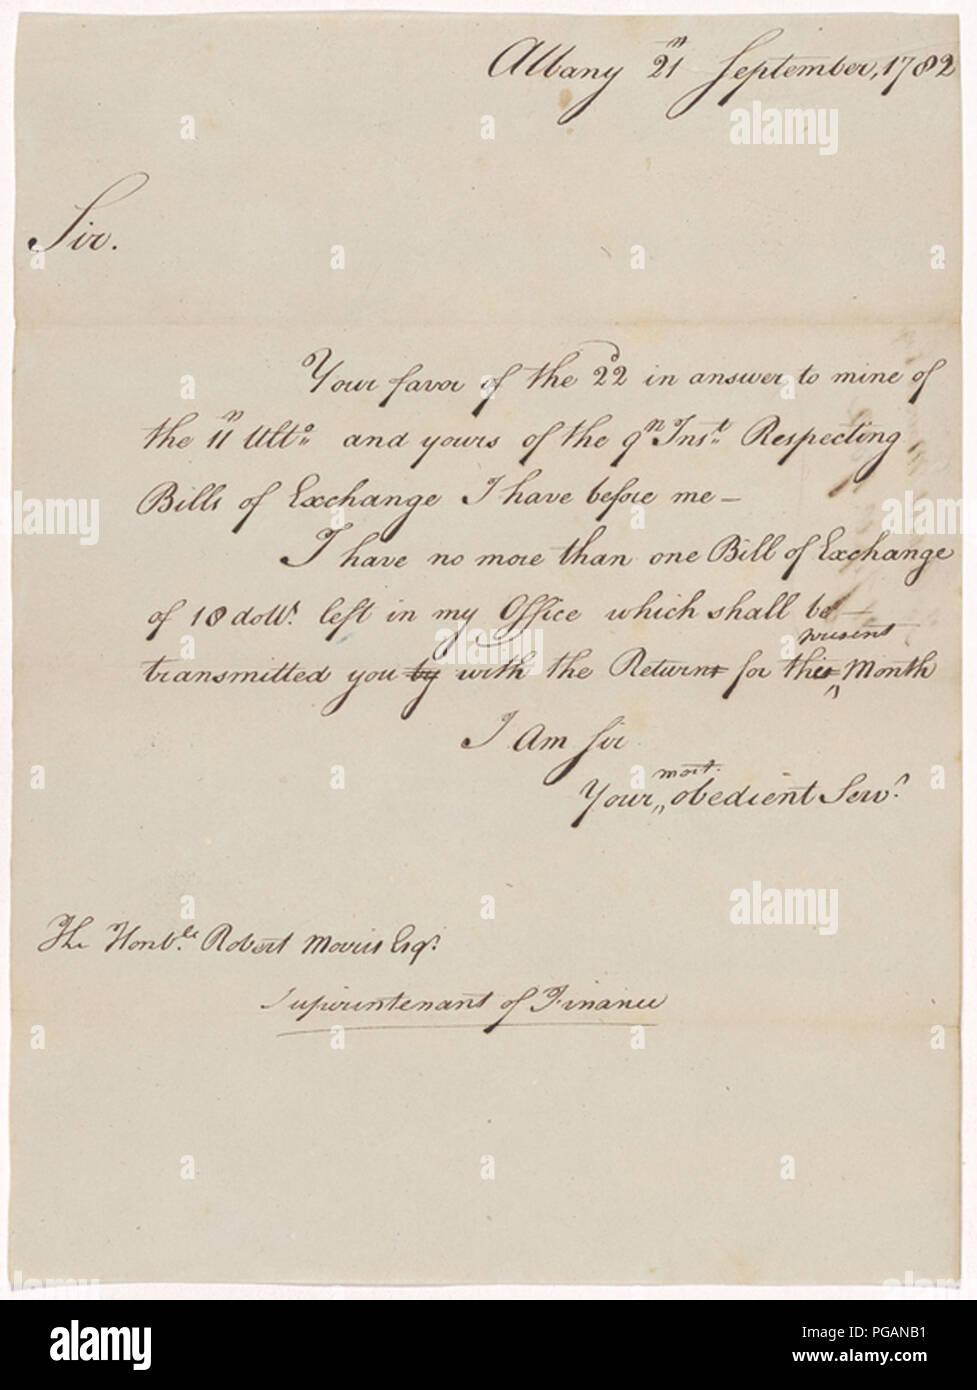 vintage hand written letter - Stock Image